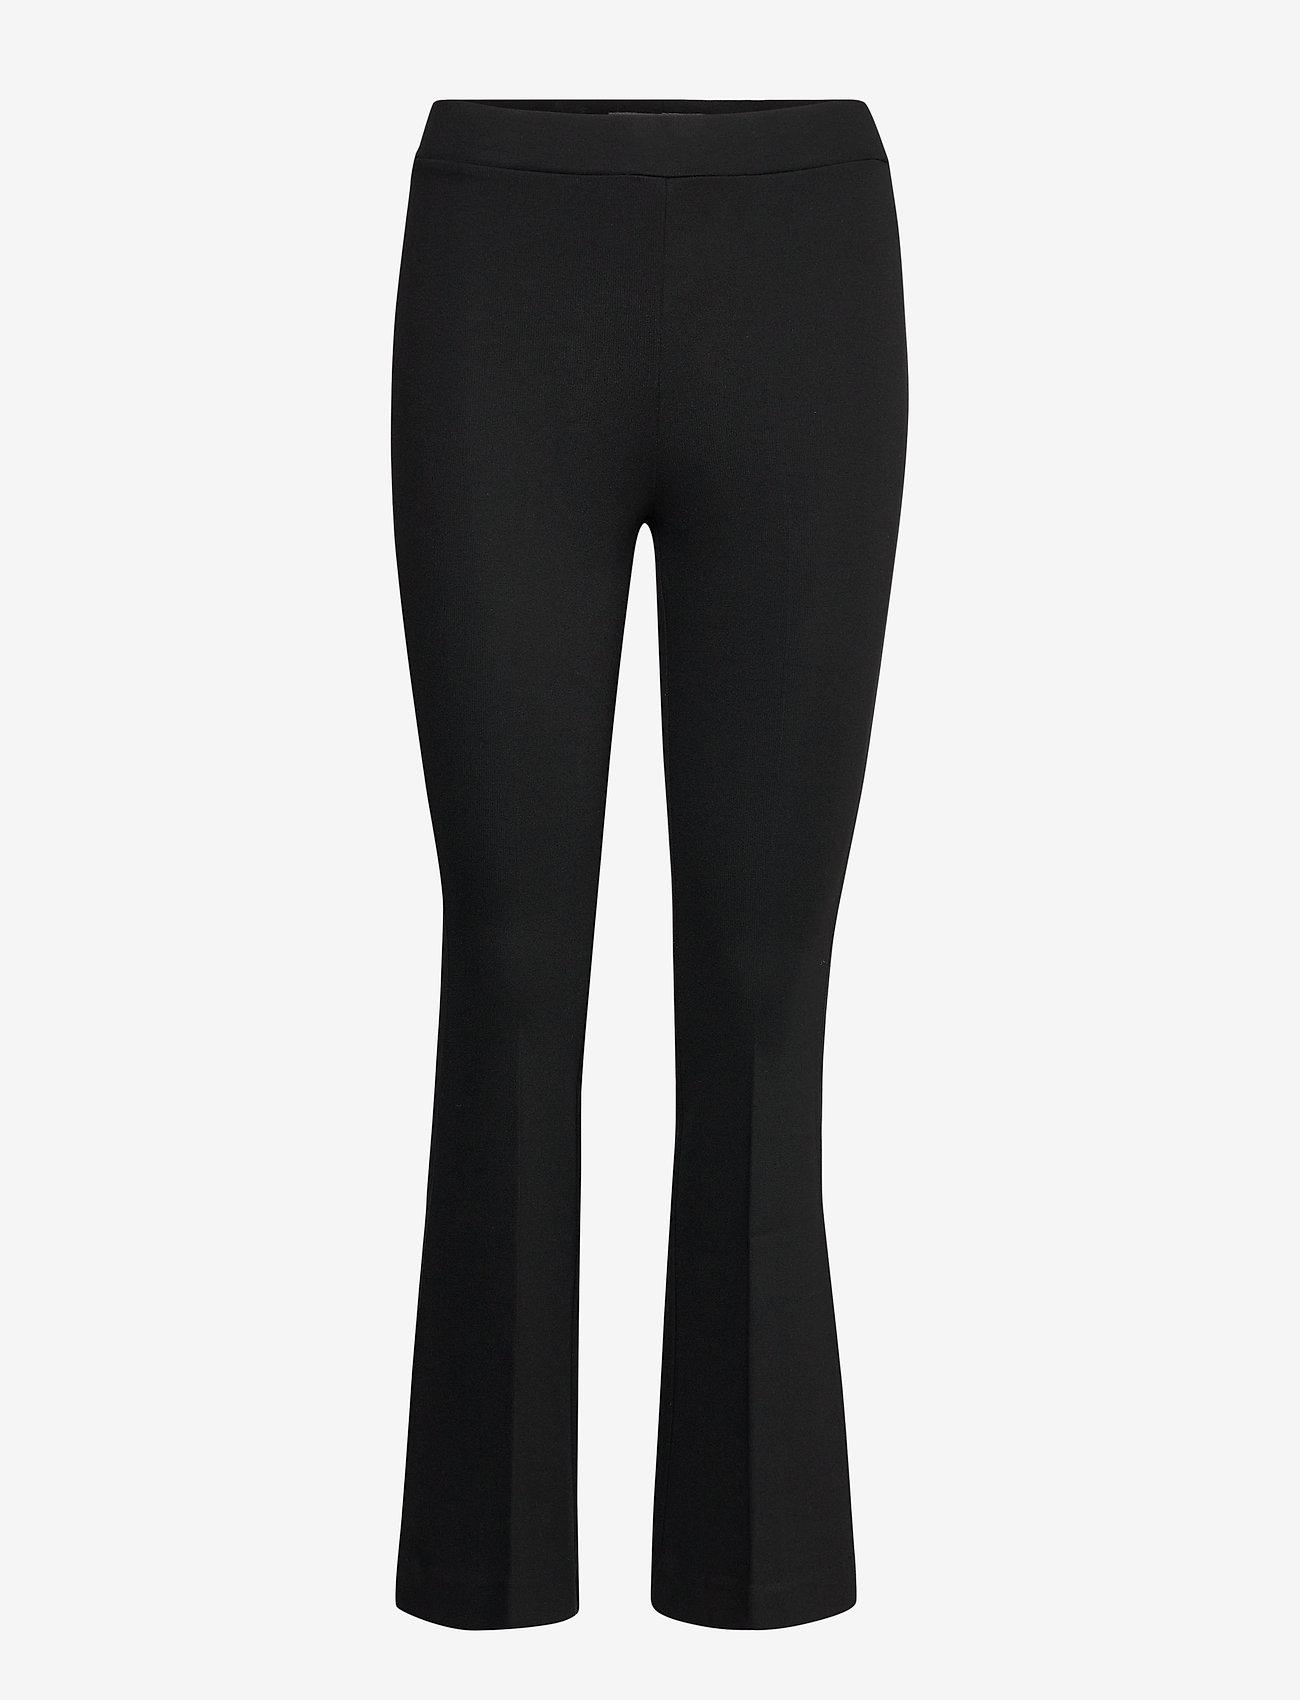 Residus - LANA FLARE PANT - vêtements - black - 1